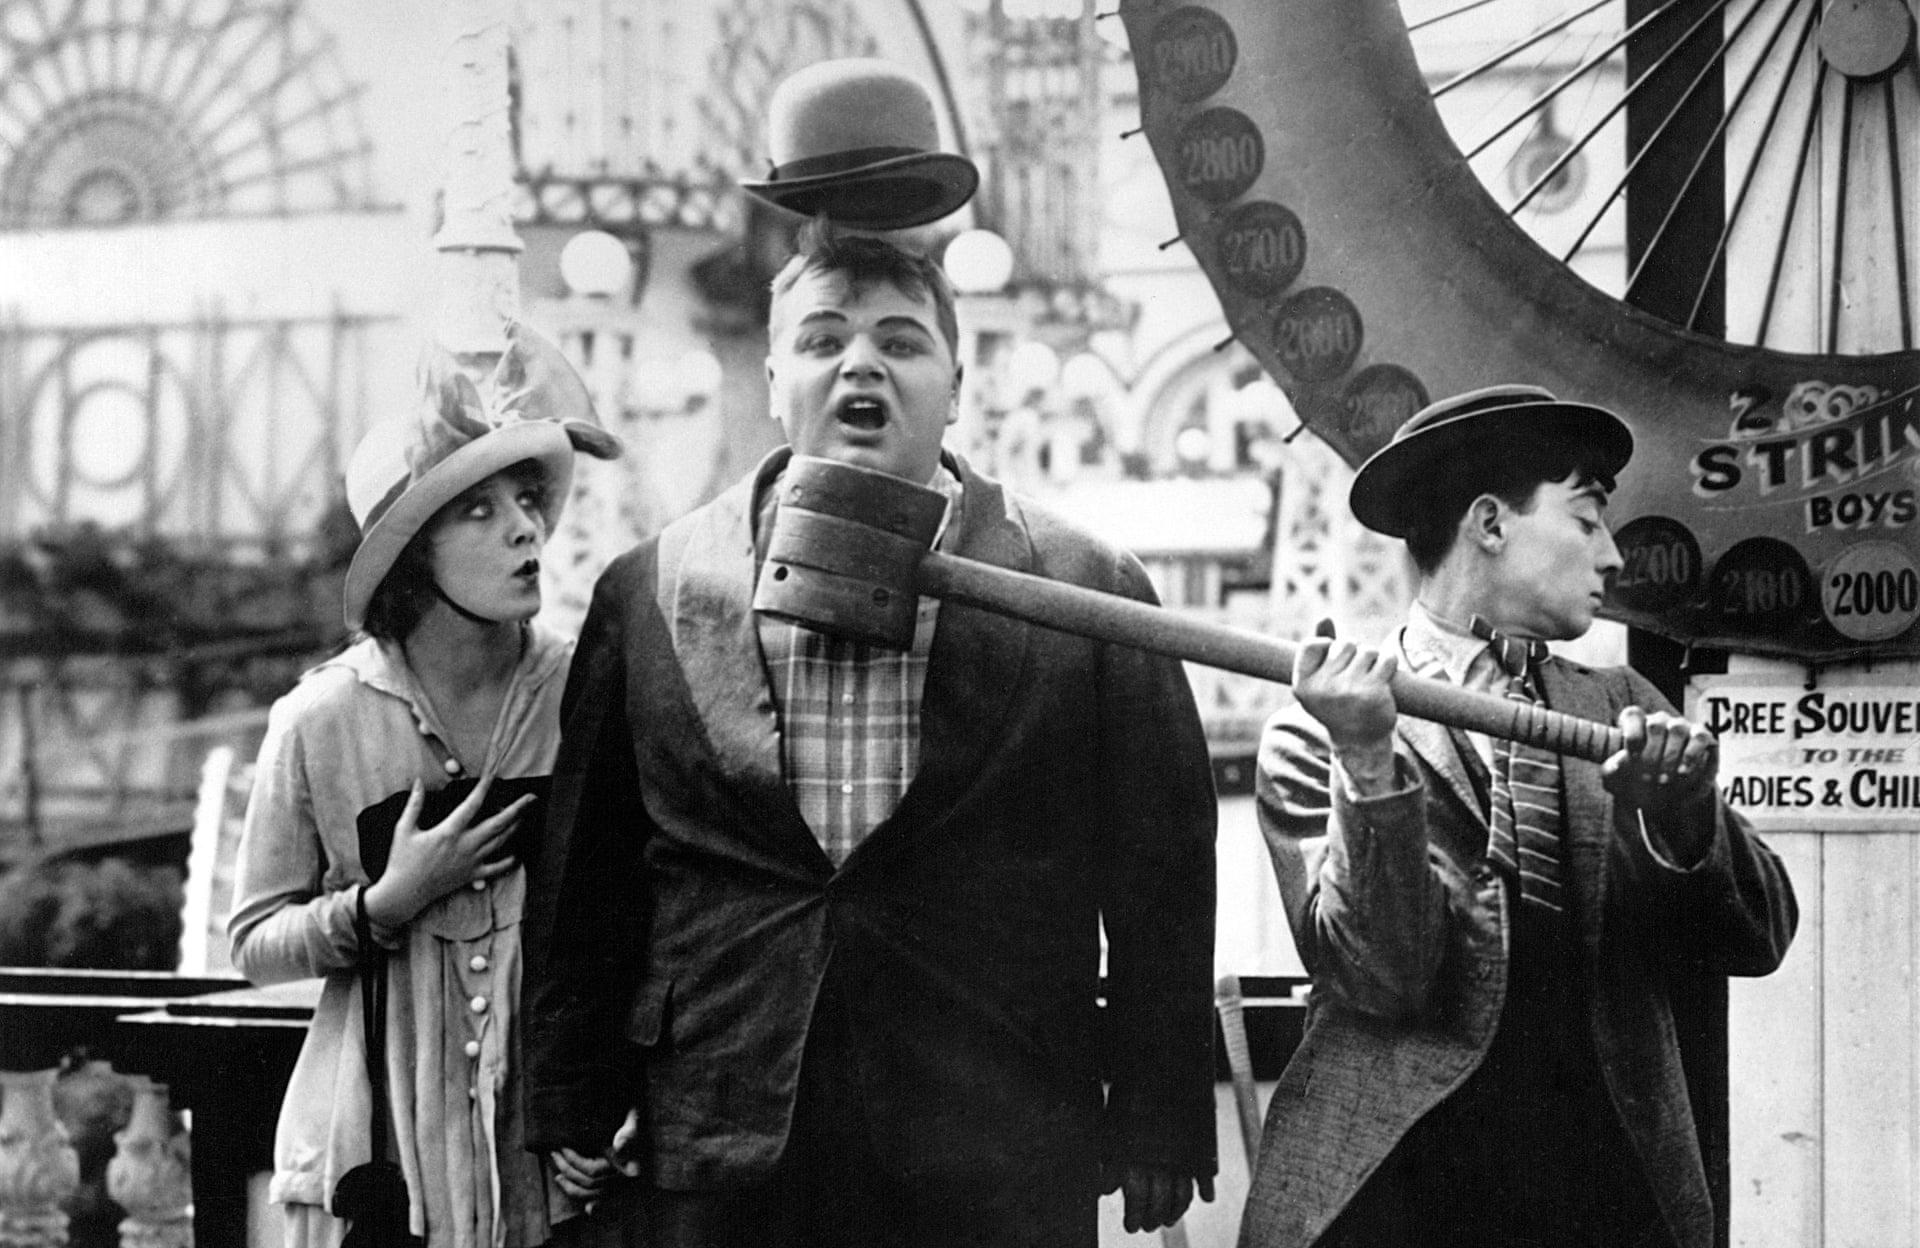 نورماند، آرباکل و به استر کیتون در نمایی از فیلم کونی آیلند (1917)